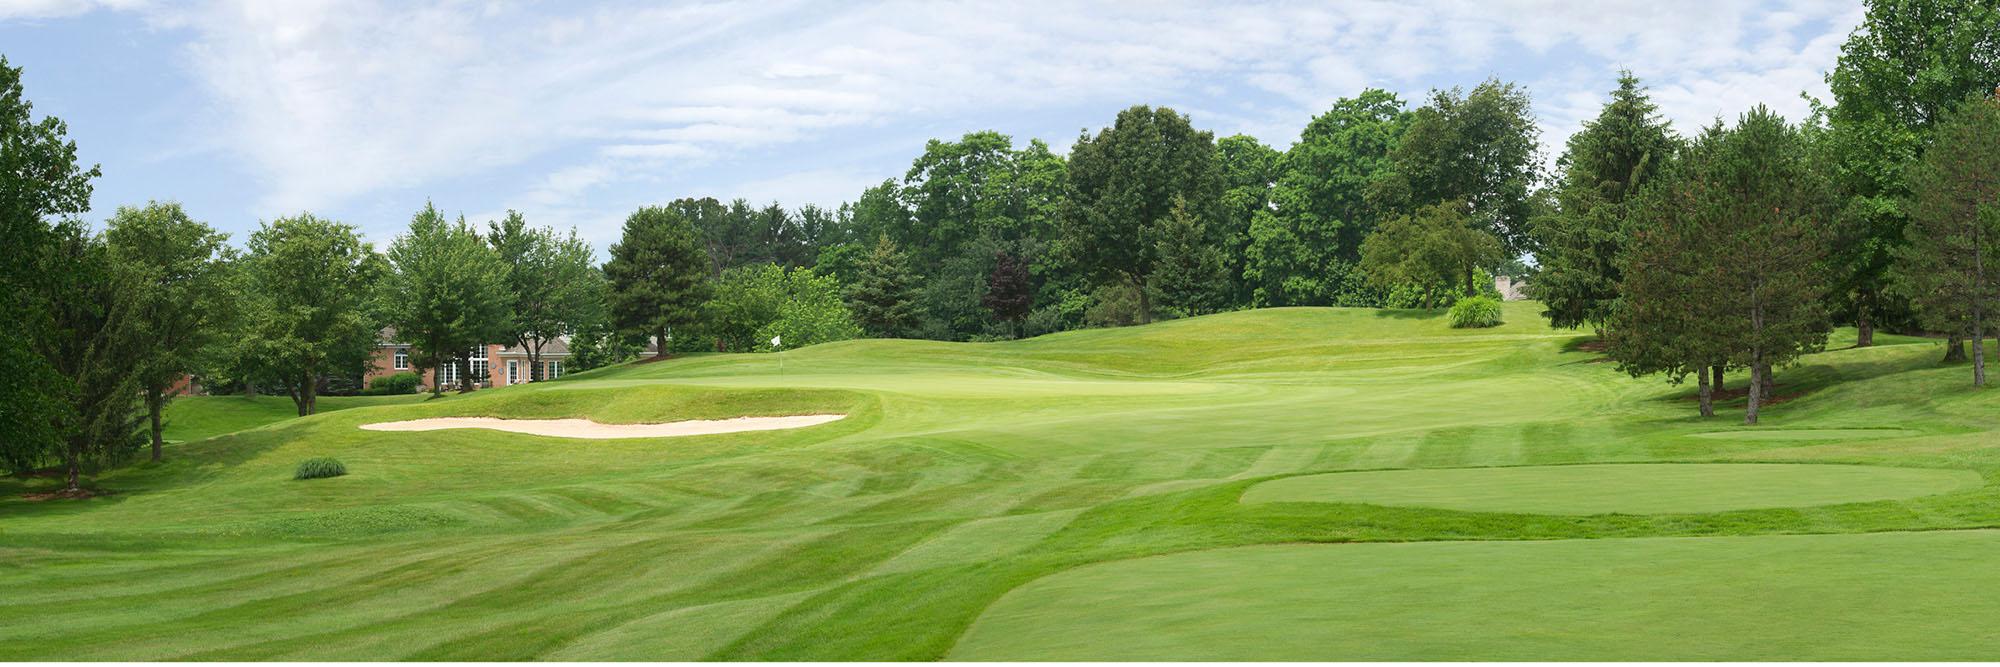 Golf Course Image - Glenmoor Country Club No. 3